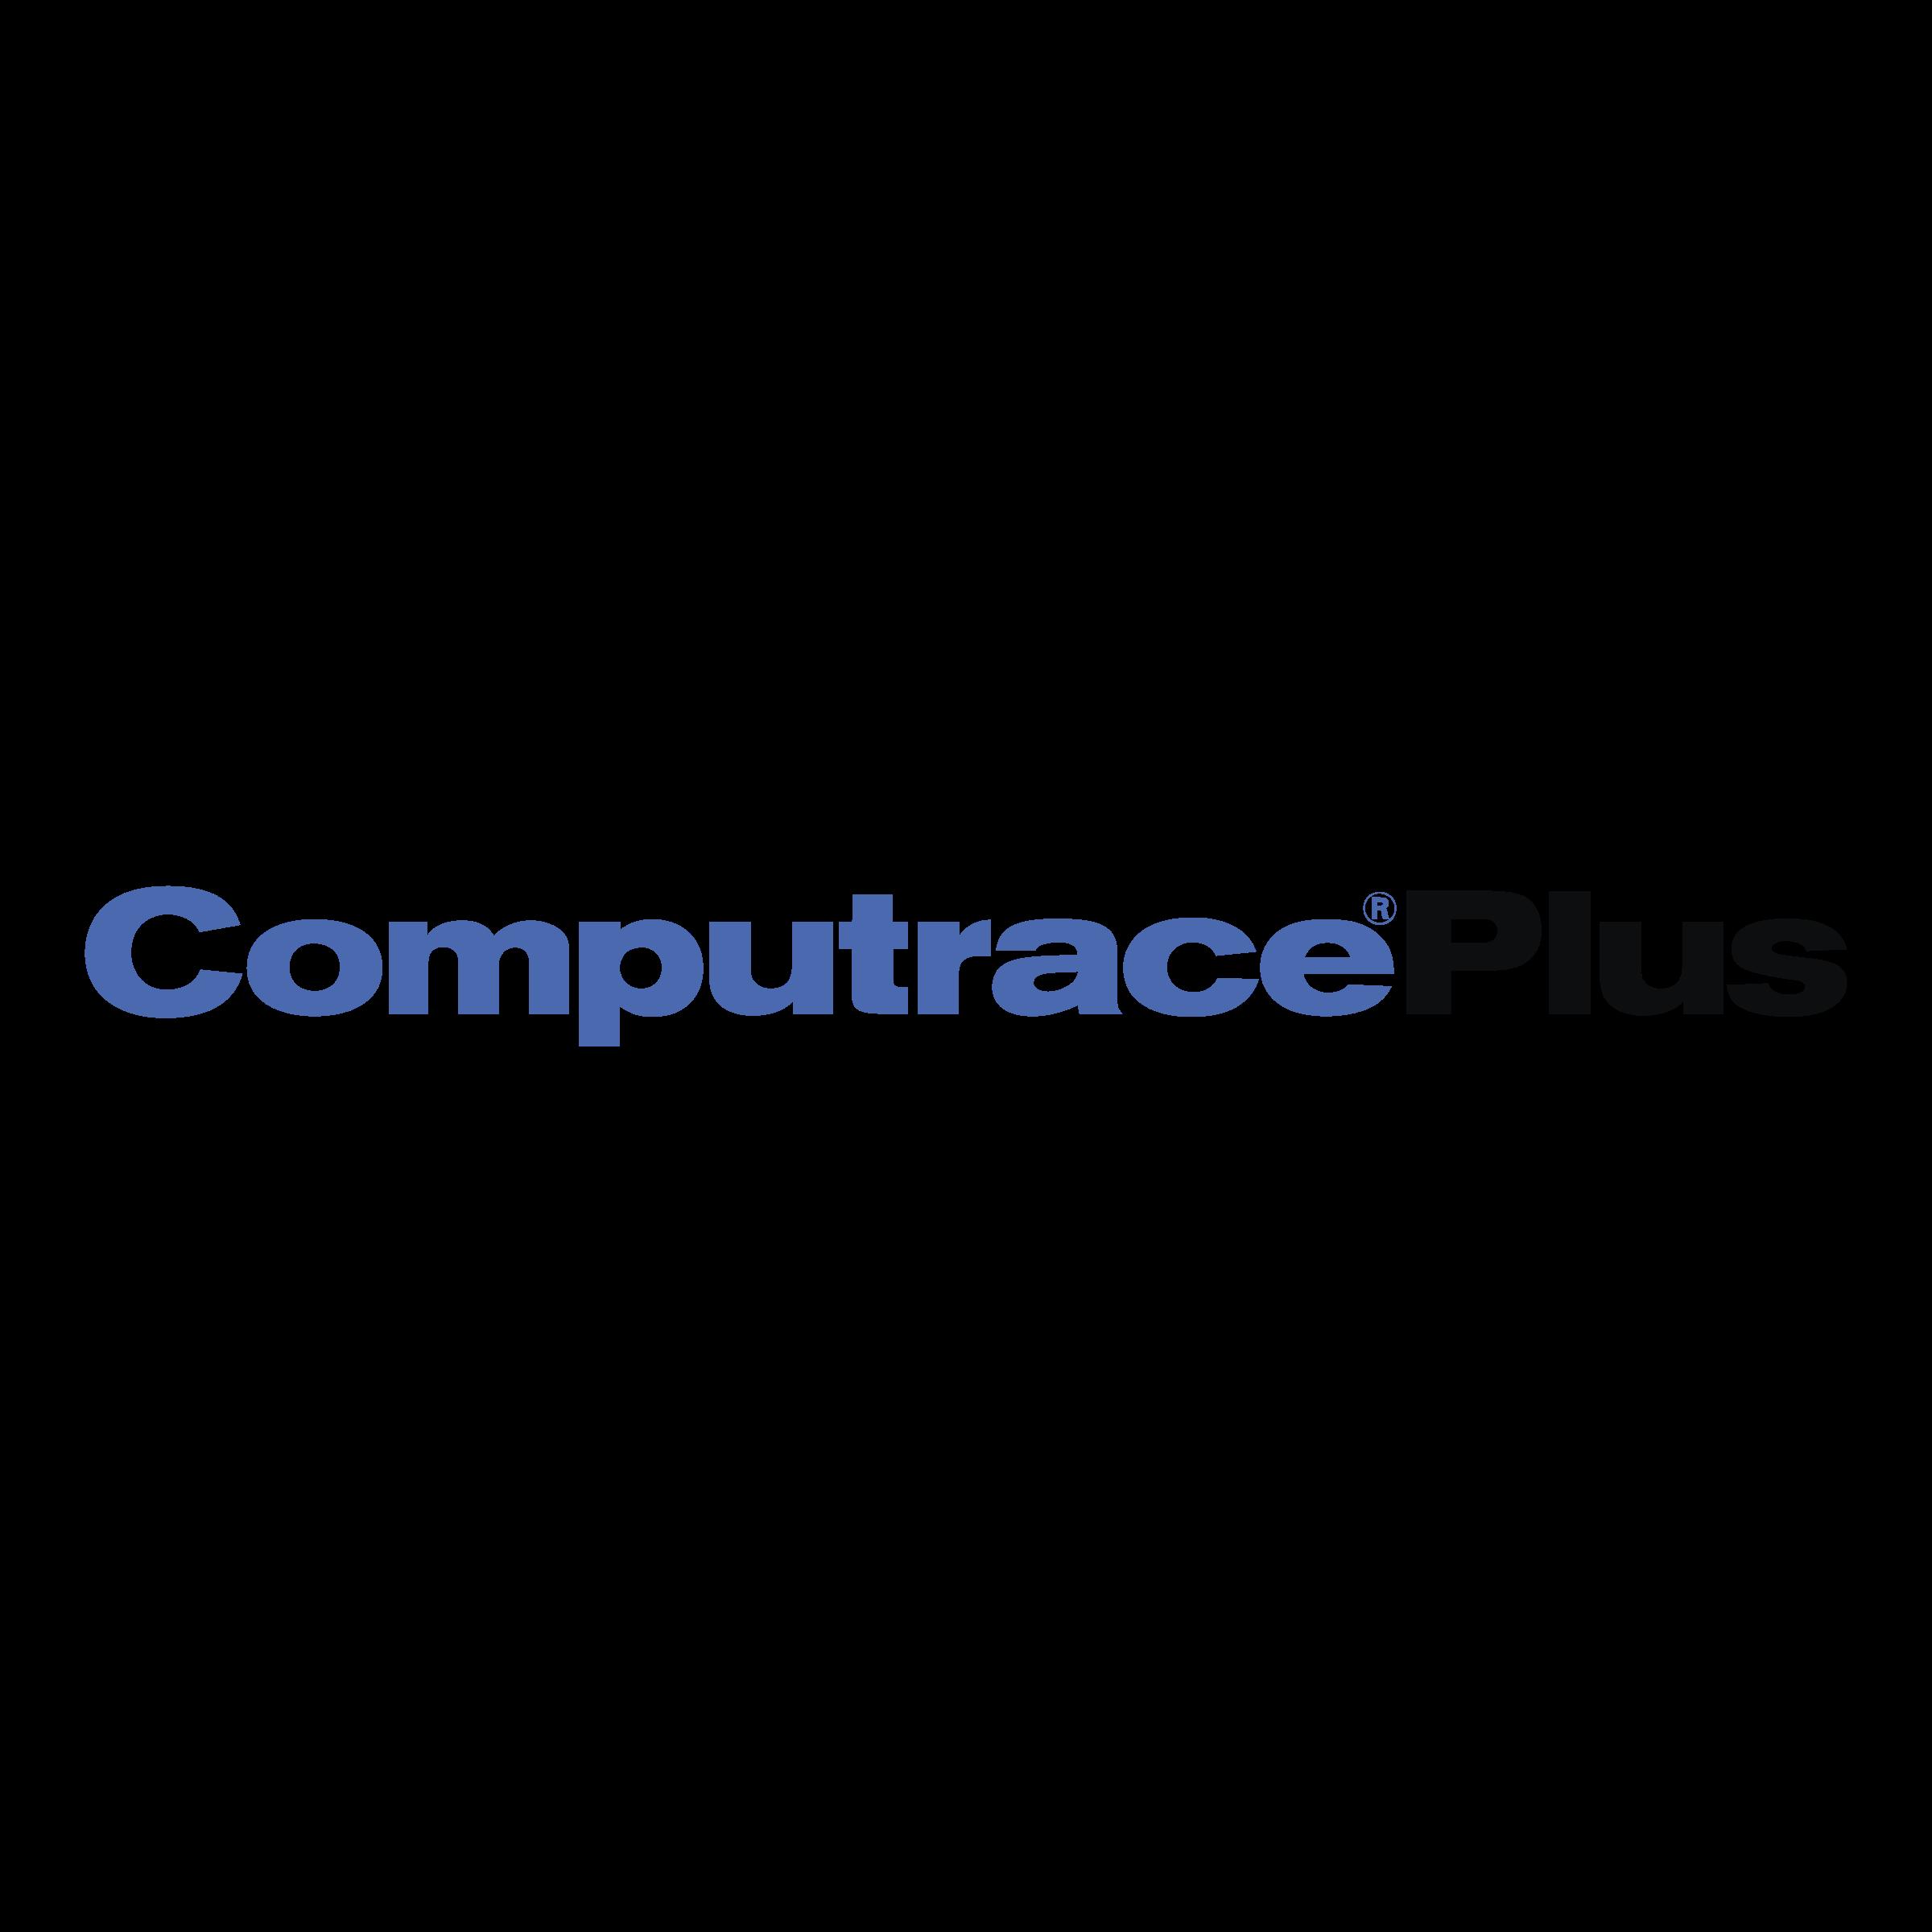 computrace plus logo png transparent